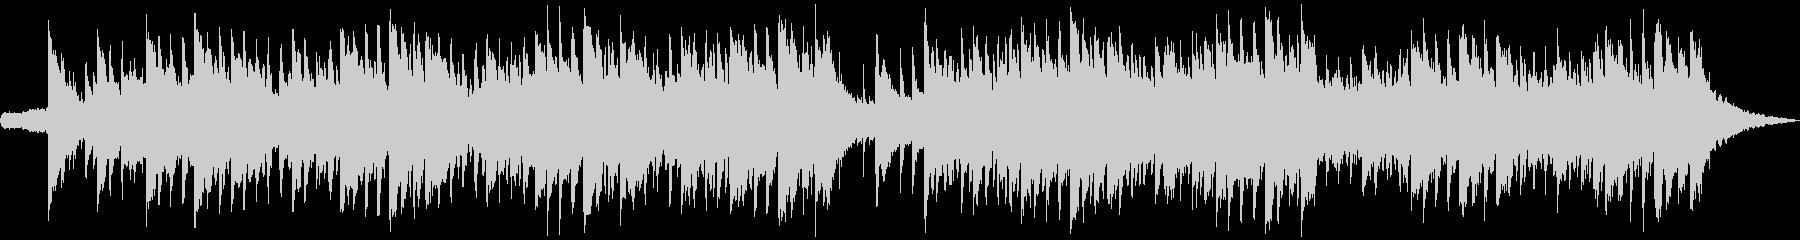 アンビエントミュージック バラード...の未再生の波形